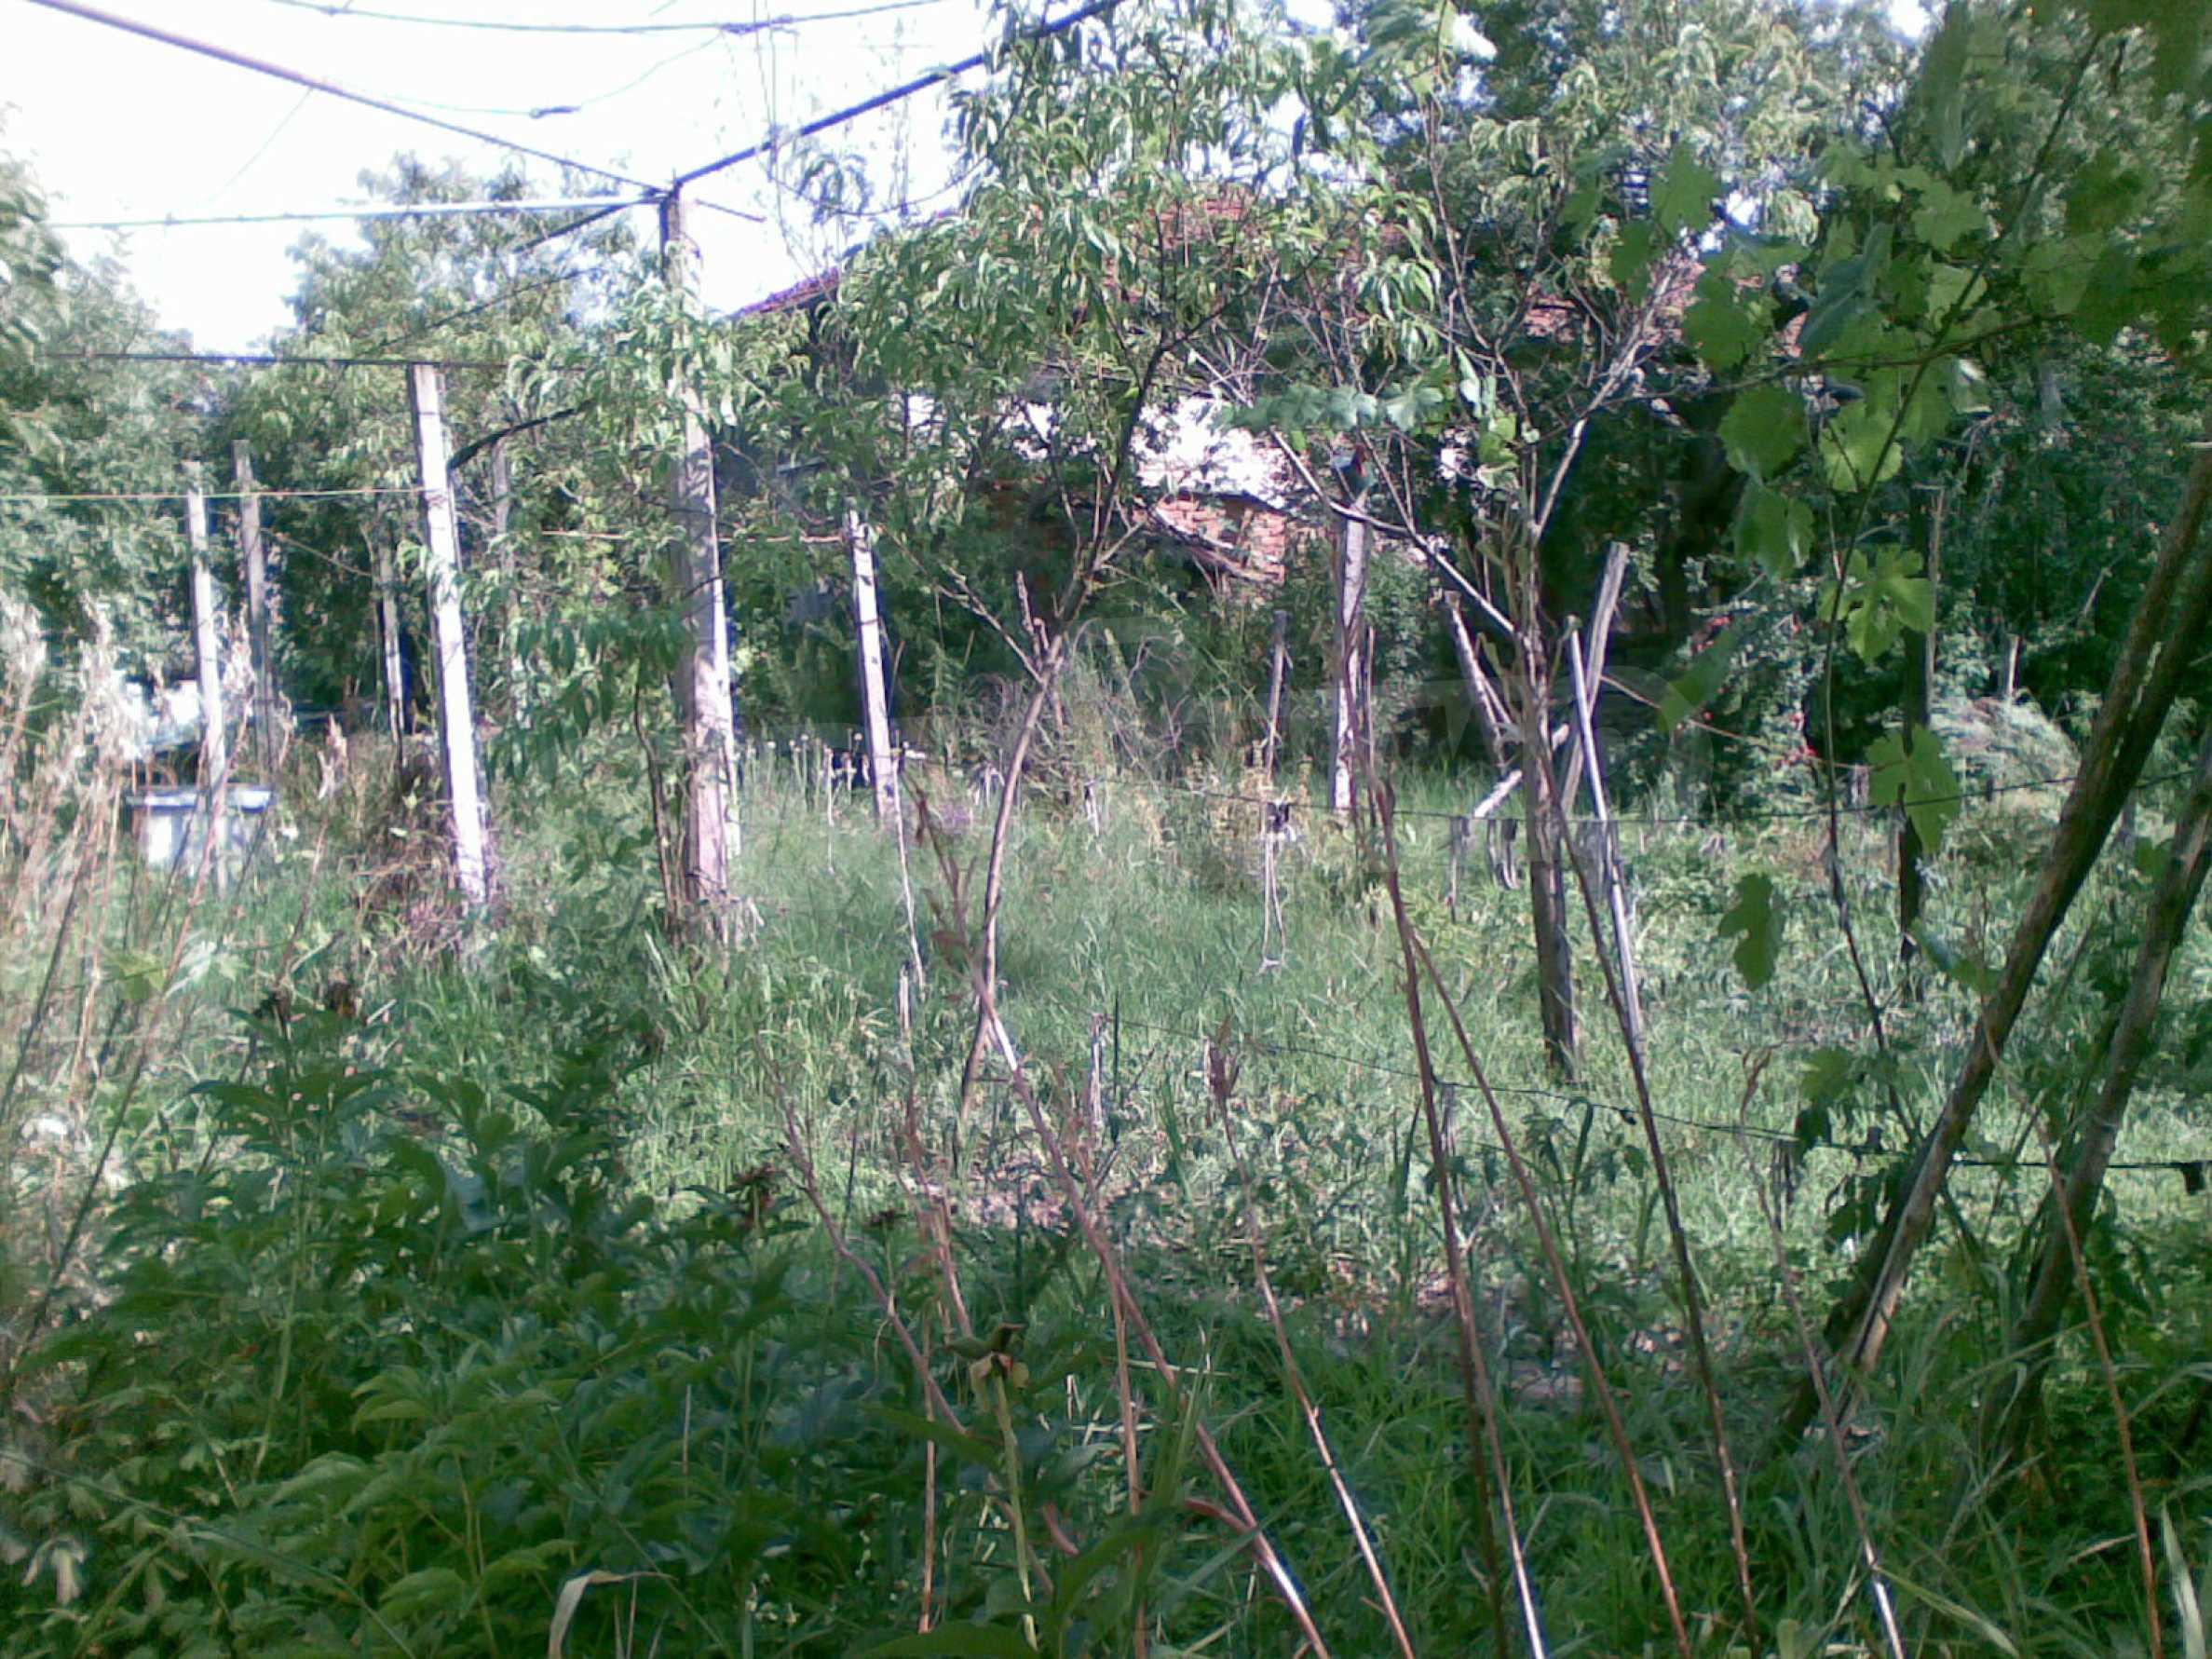 Zweistöckiges Backsteinhaus in der Stadt, 35 km von Lovech entfernt, in der Nähe eines Damms 5